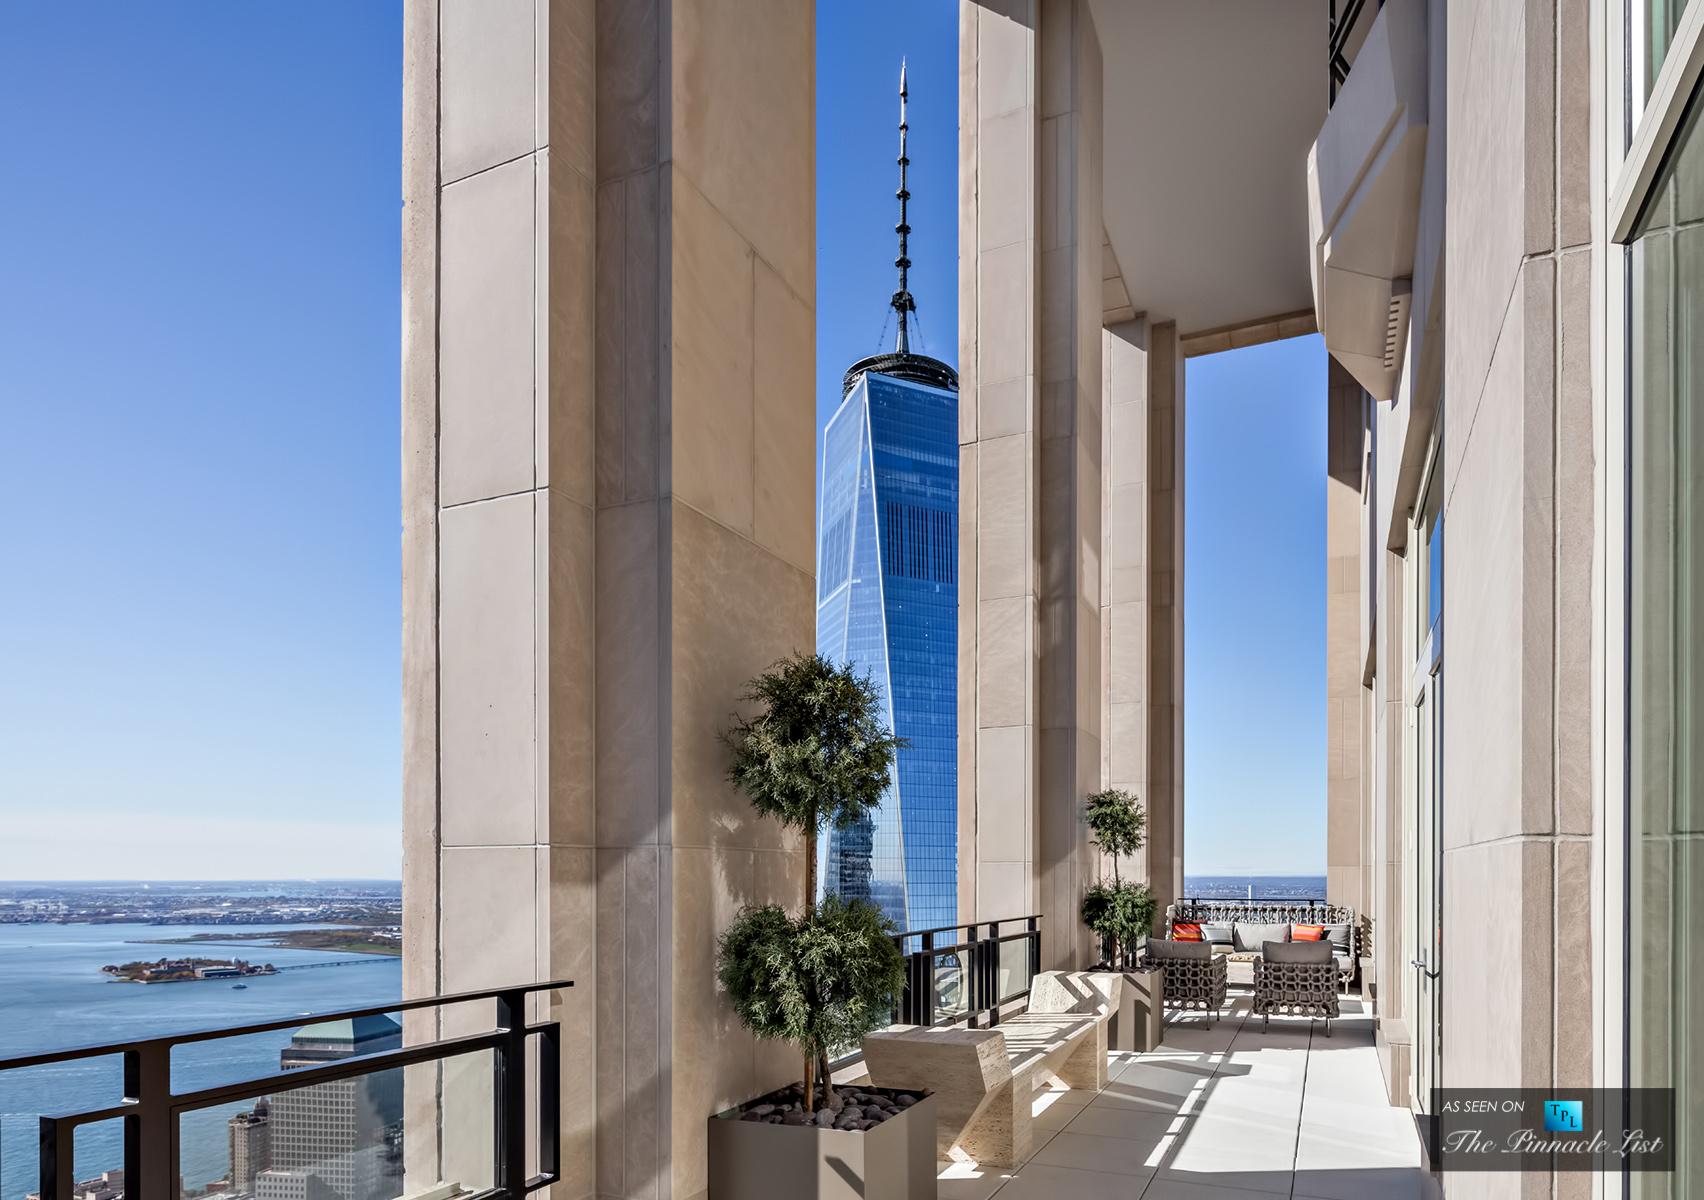 30 Park Place Penthouse - 30 Park Pl, New York, NY 10007, USA